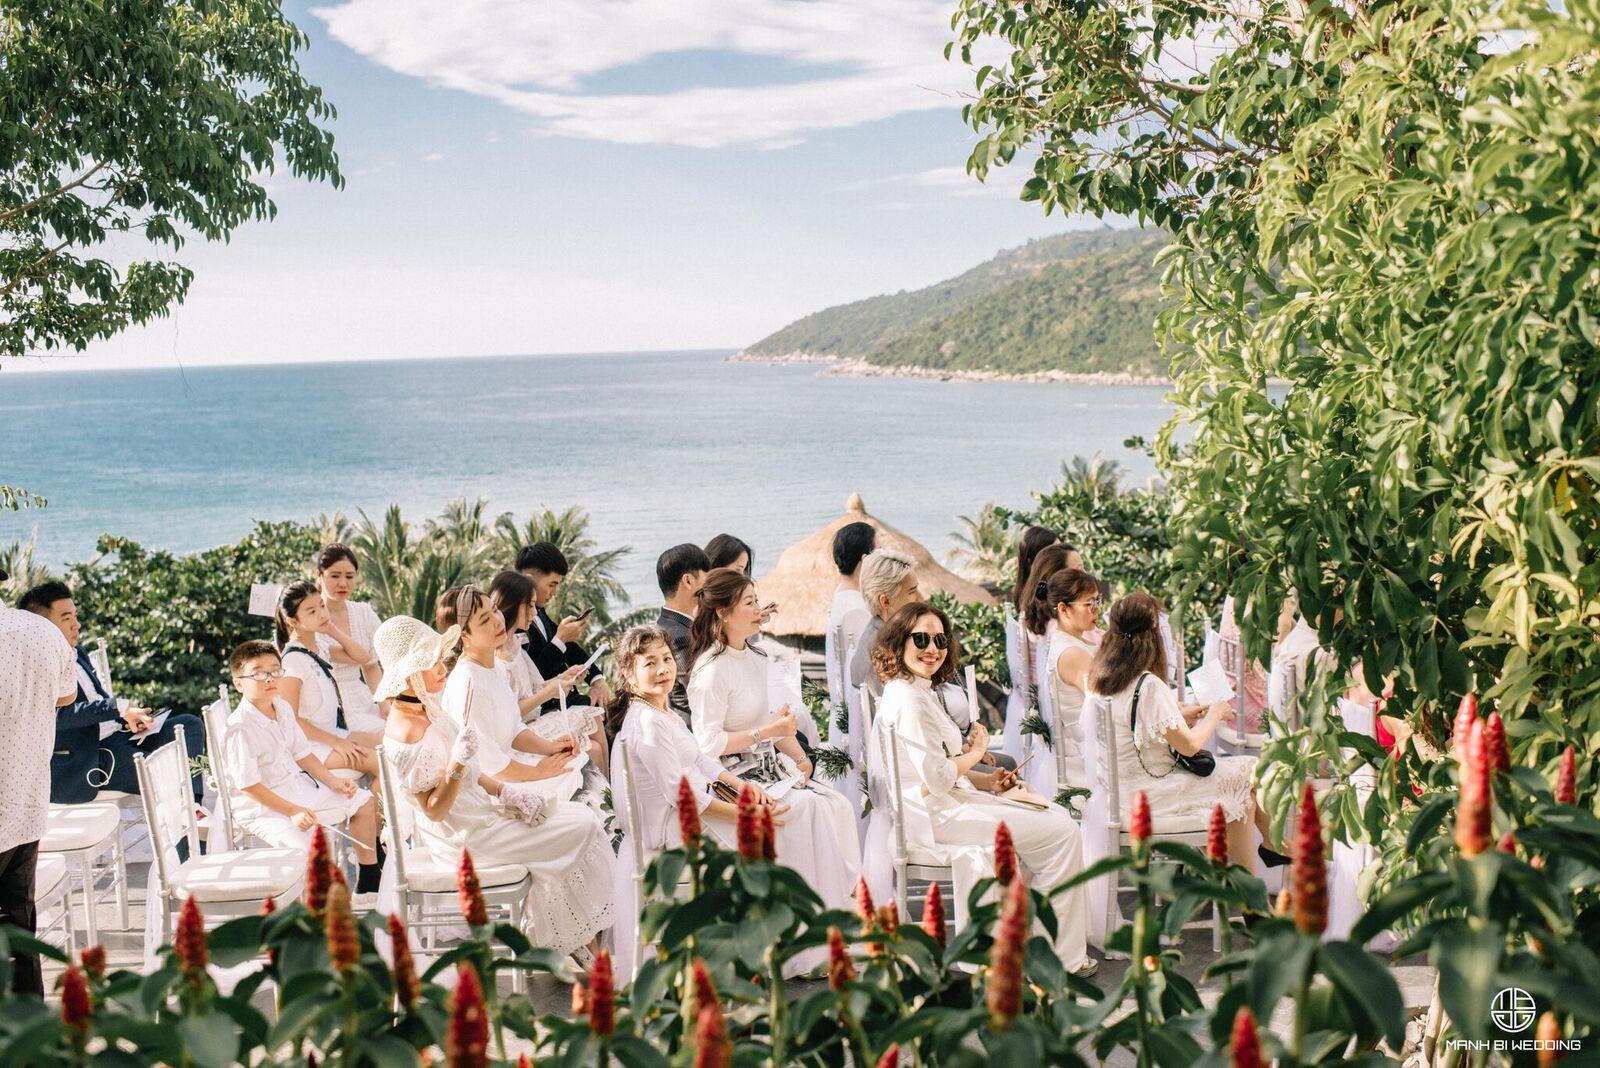 Nhà văn Gào chia sẻ nhiều thông tin thú vị về đám cưới như mơ ngay sau tiệc cưới hoành tráng trên bờ biển - Ảnh 9.